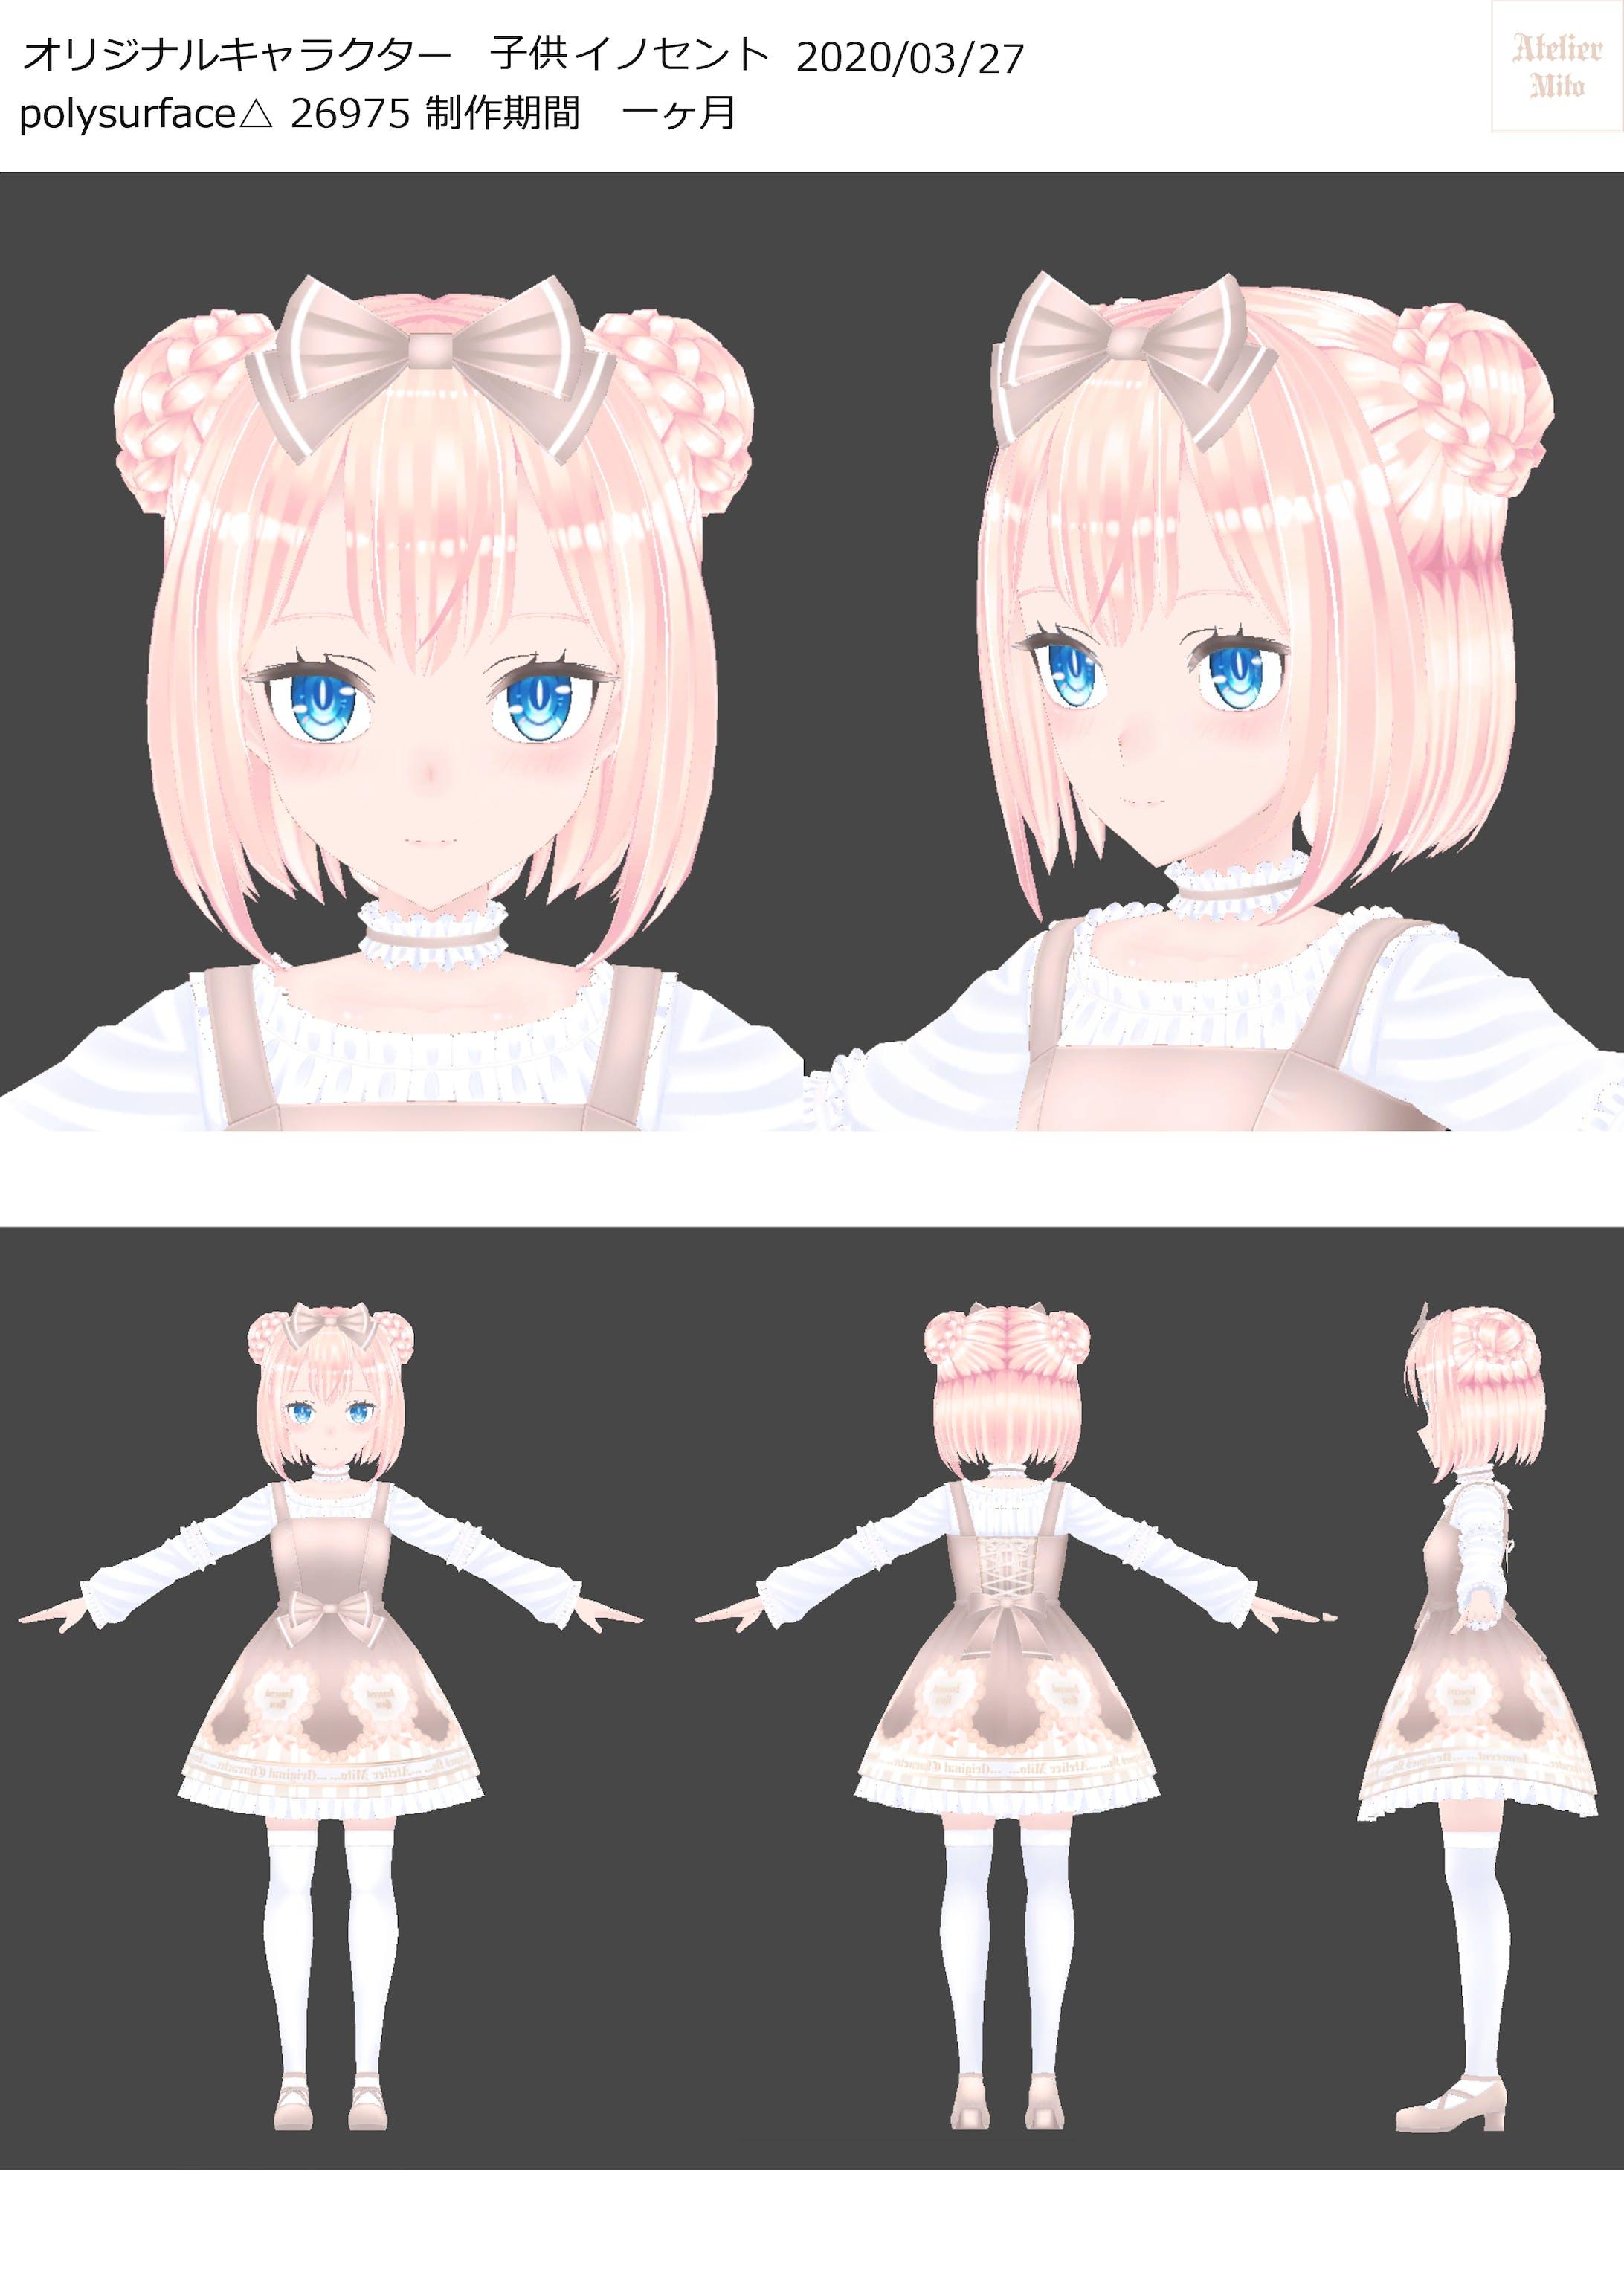 3Dキャラクター「子供イノセント」-1